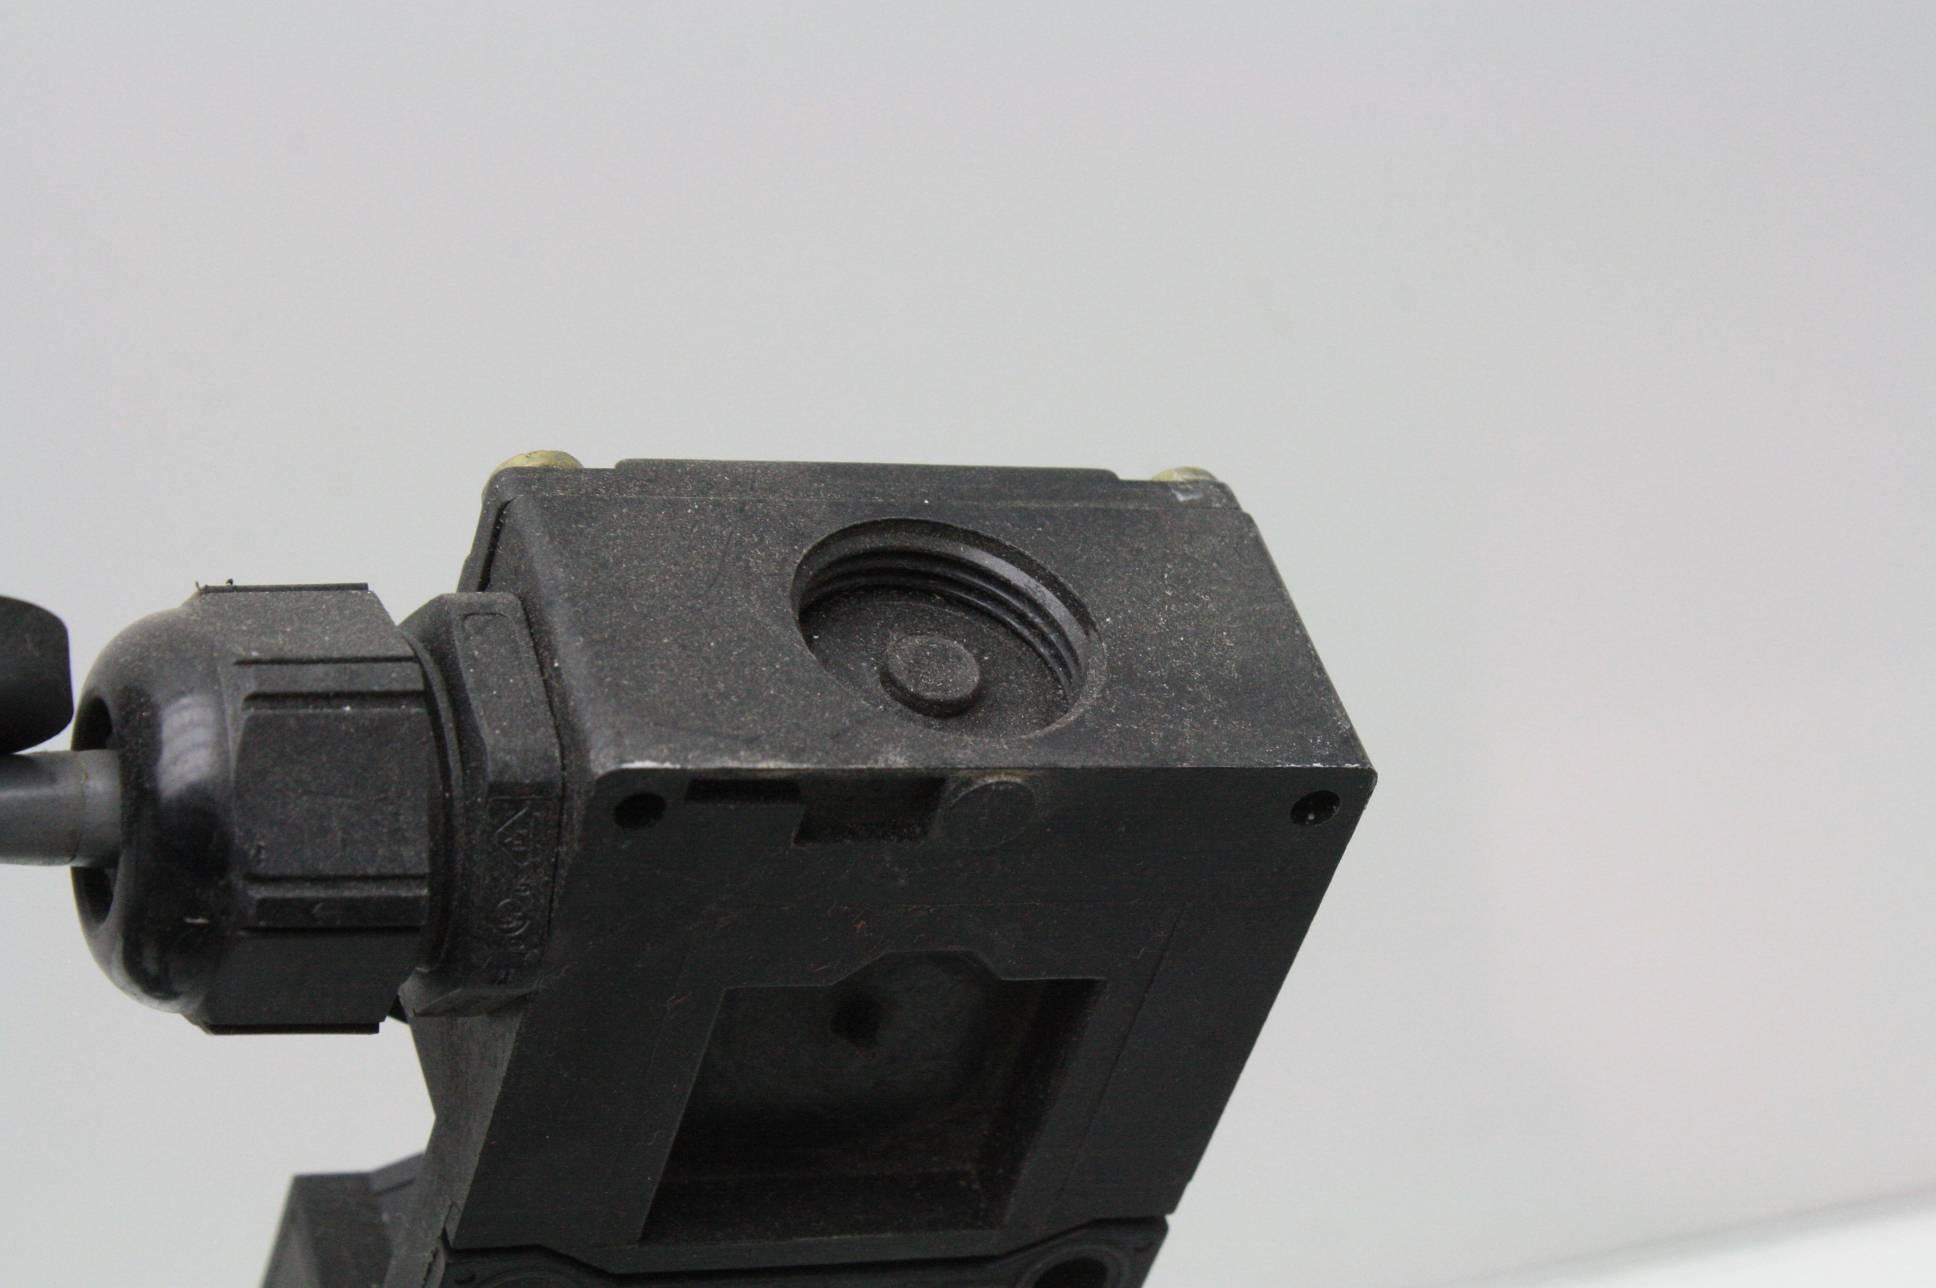 Door Switch Safety : Schmerzal az zvk m safety door interlock switch w